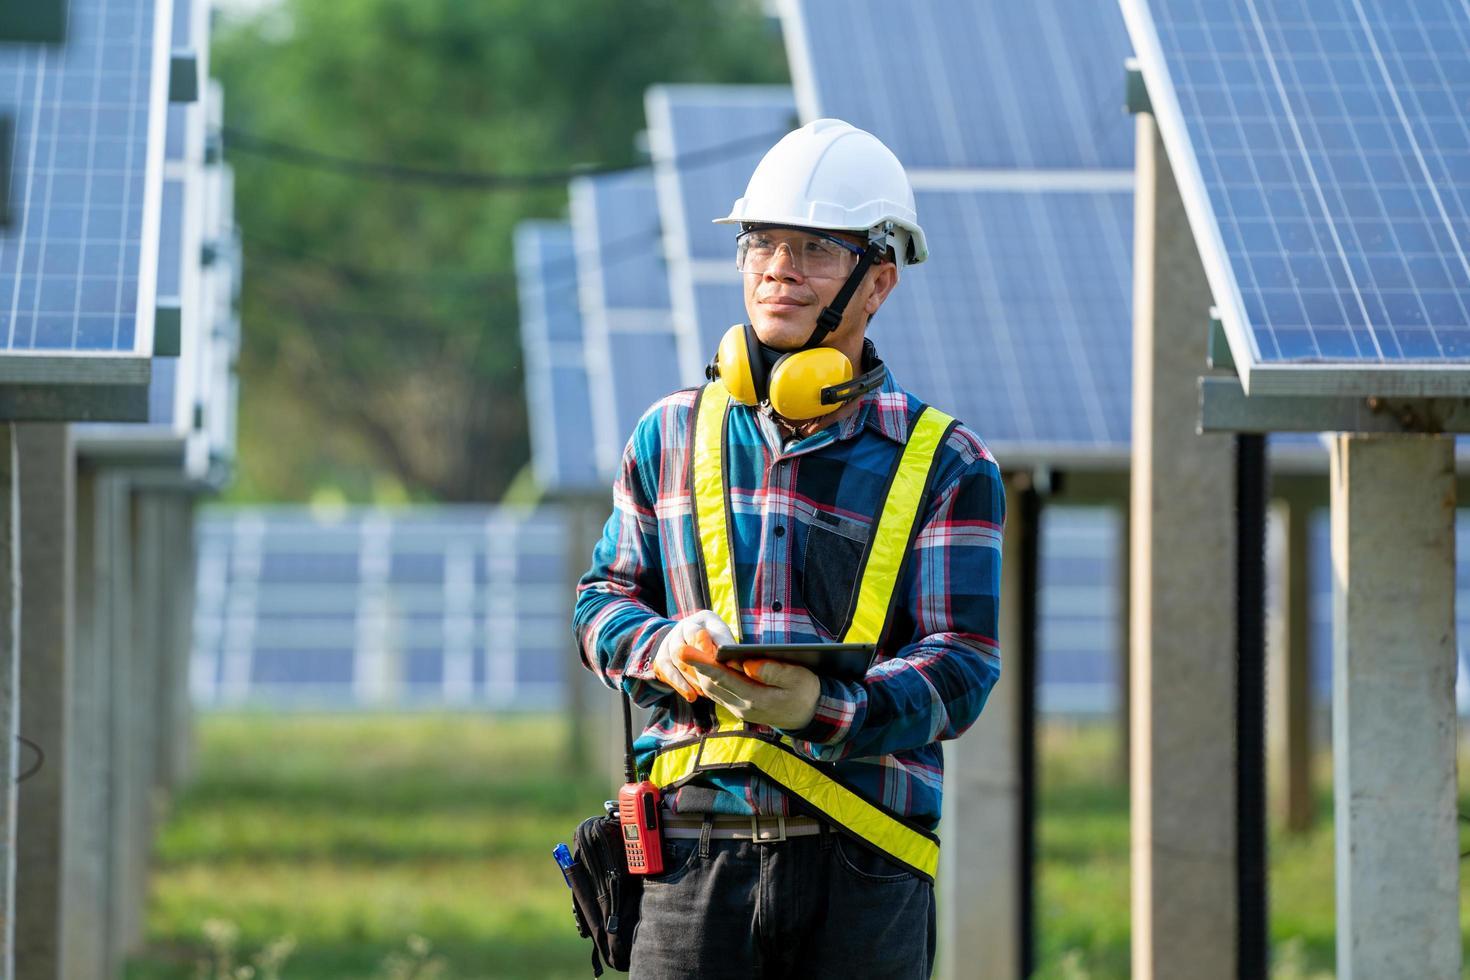 Mann mit Sicherheitsausrüstung neben Sonnenkollektoren foto